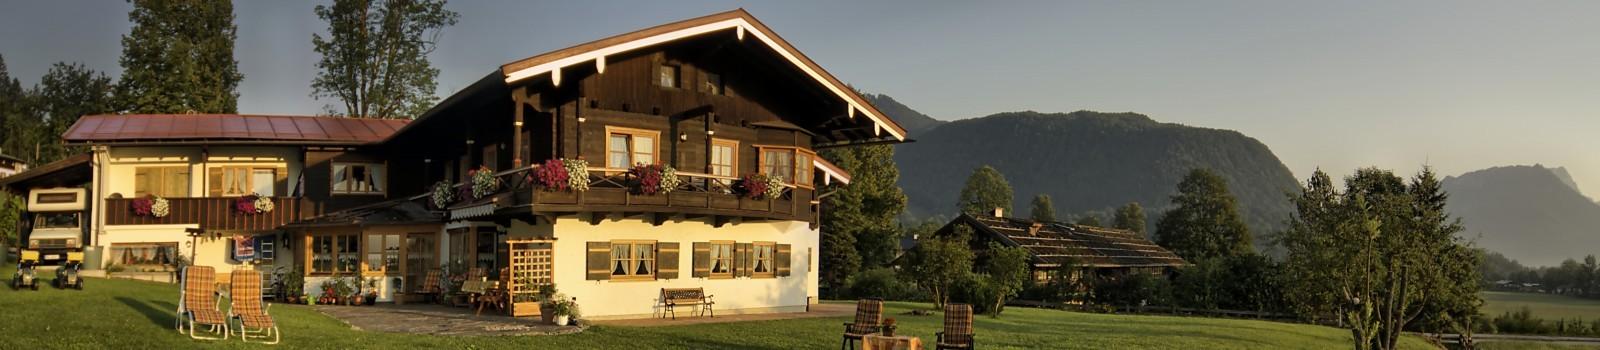 Gästehaus Grünsteineck